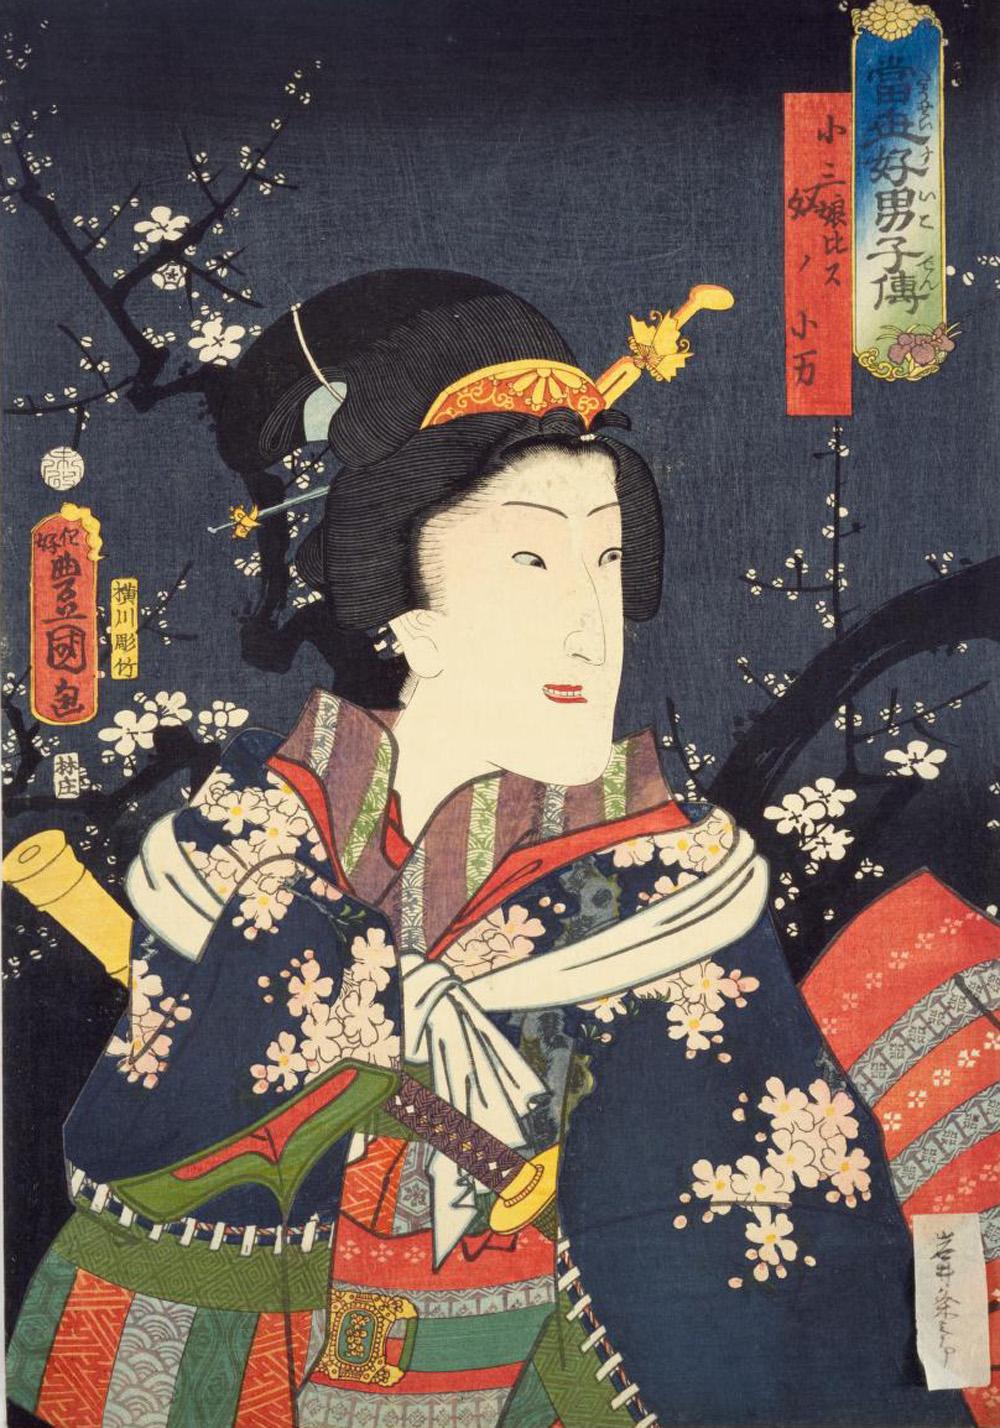 当世好男子伝 小三娘ニ比ス奴ノ小万 画:歌川豊国 国立国会図書館所蔵